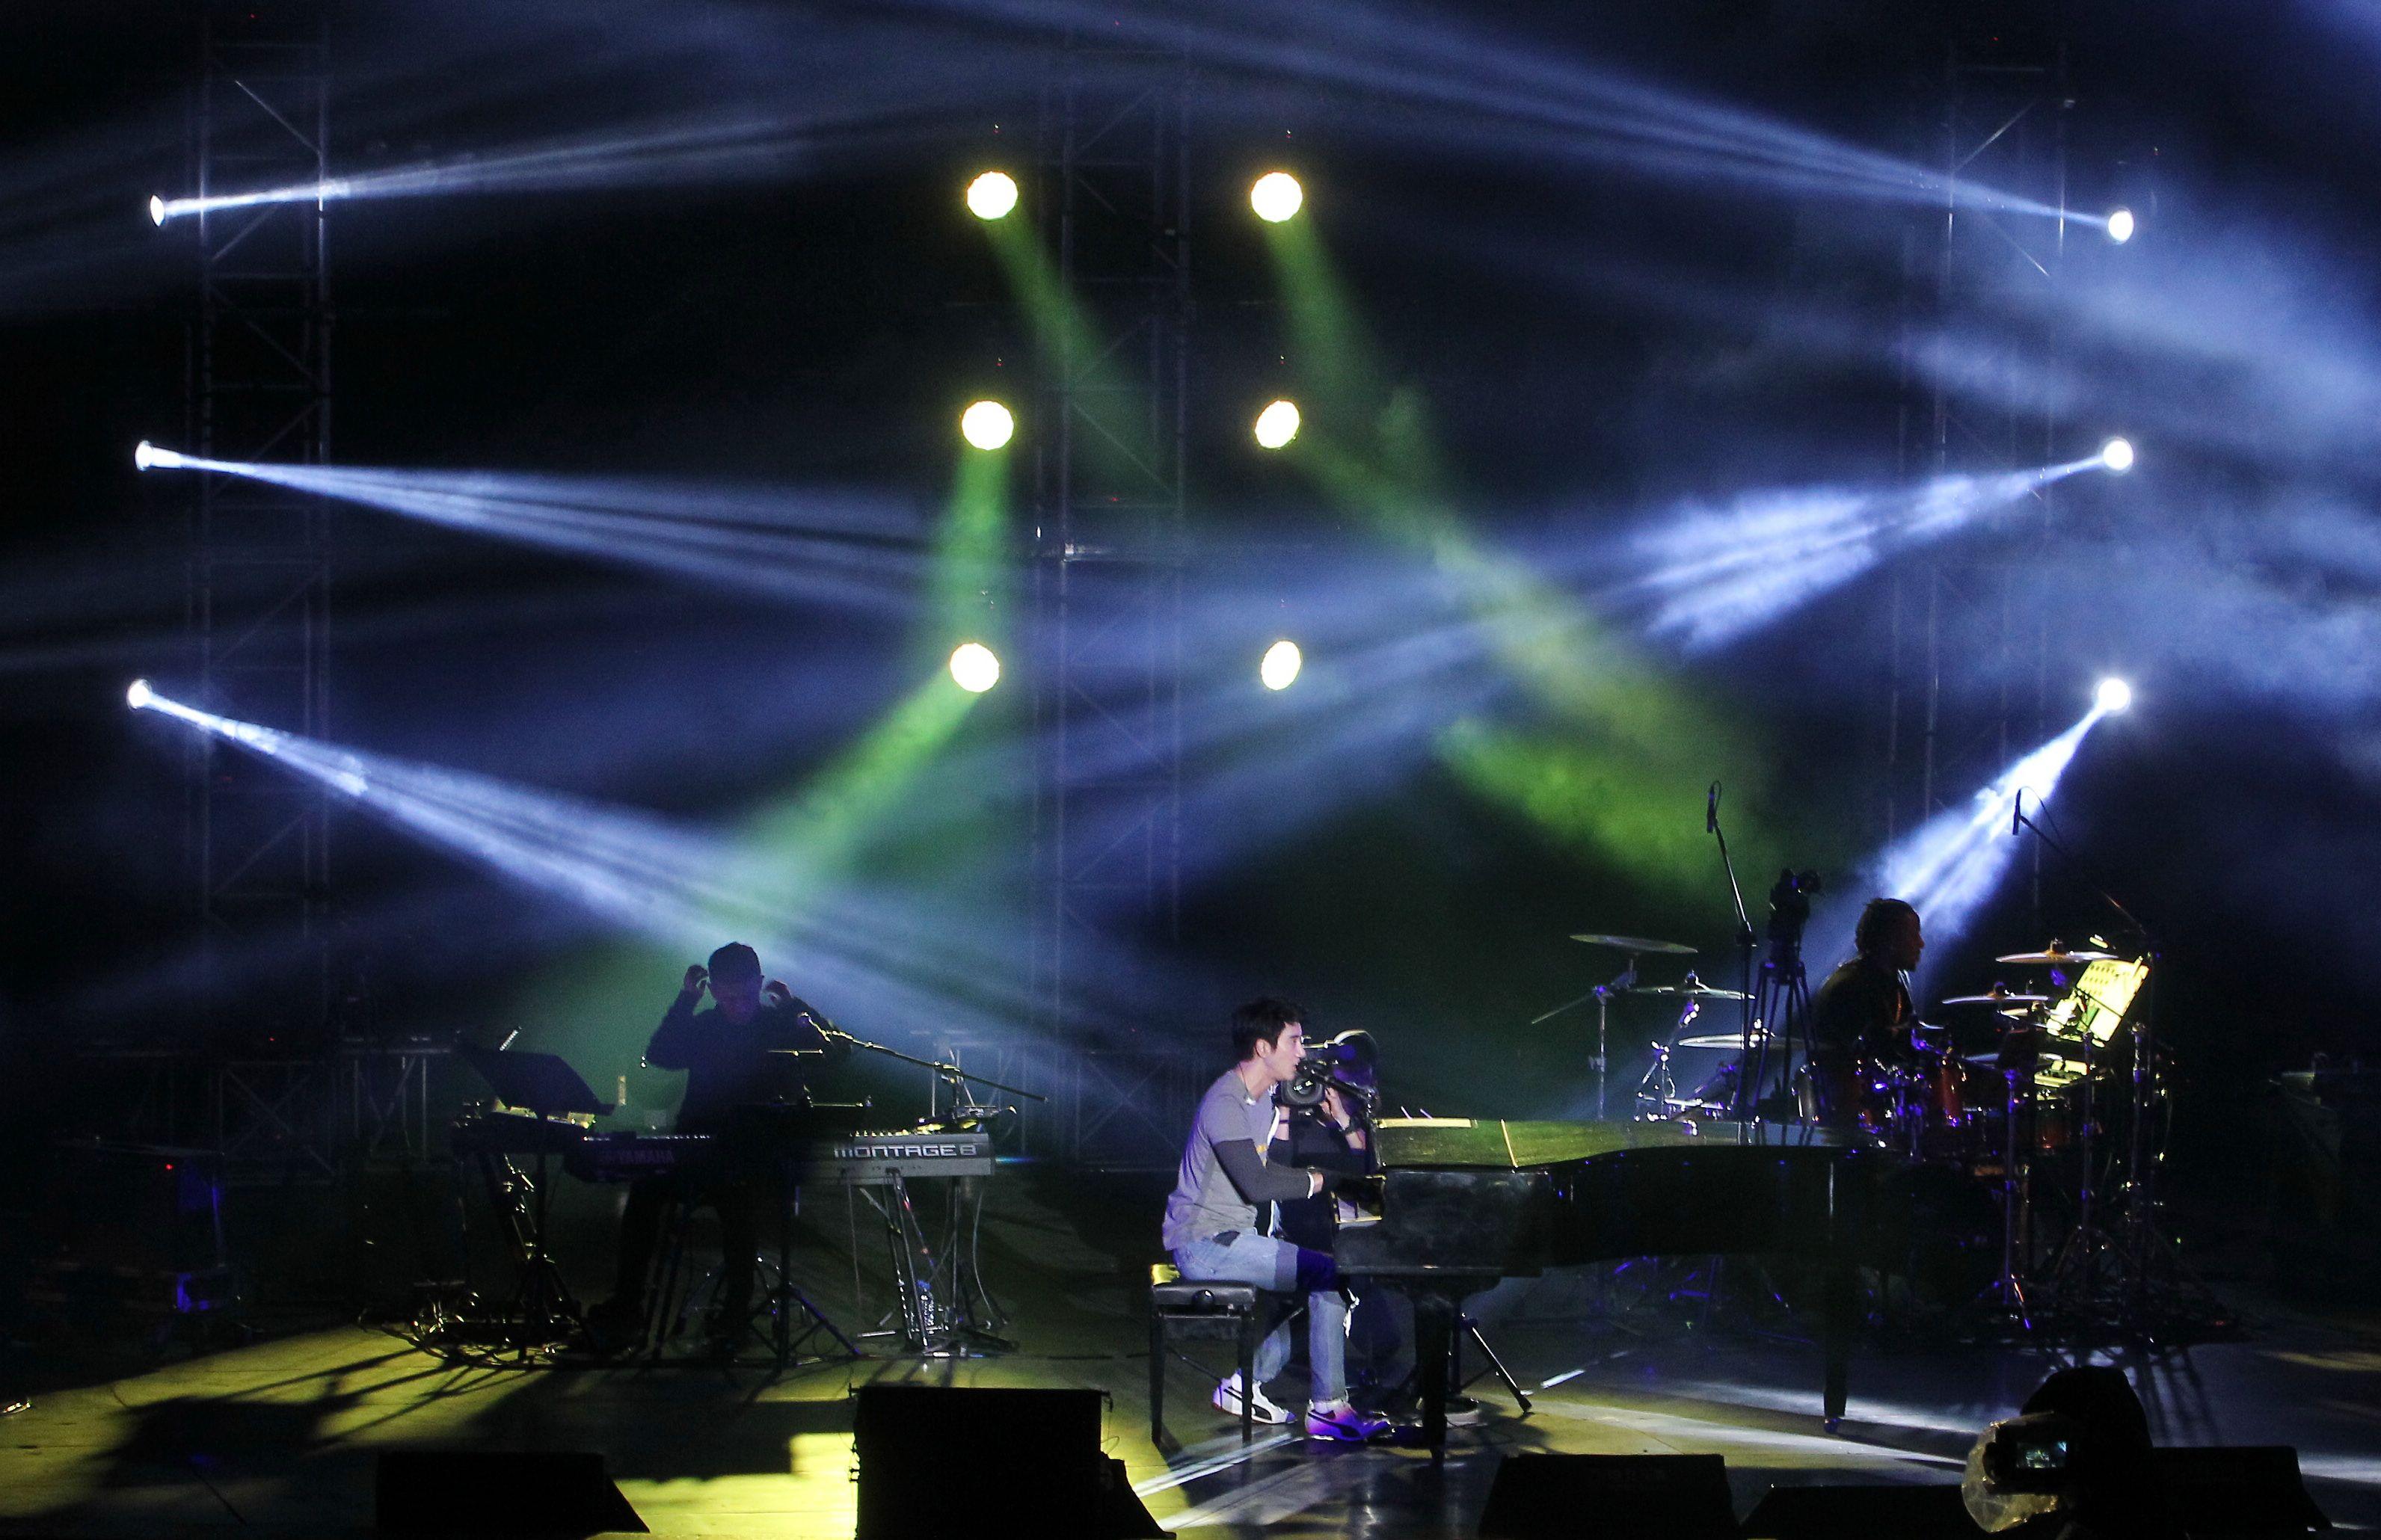 王力宏「福利秀」音樂會回到20年前個人第一場大型演唱會「繞著力宏轉」所在地,唱爆大安森林公園,粉絲冒著細雨穿著雨衣坐在草皮上欣賞。(記者邱榮吉/攝影)